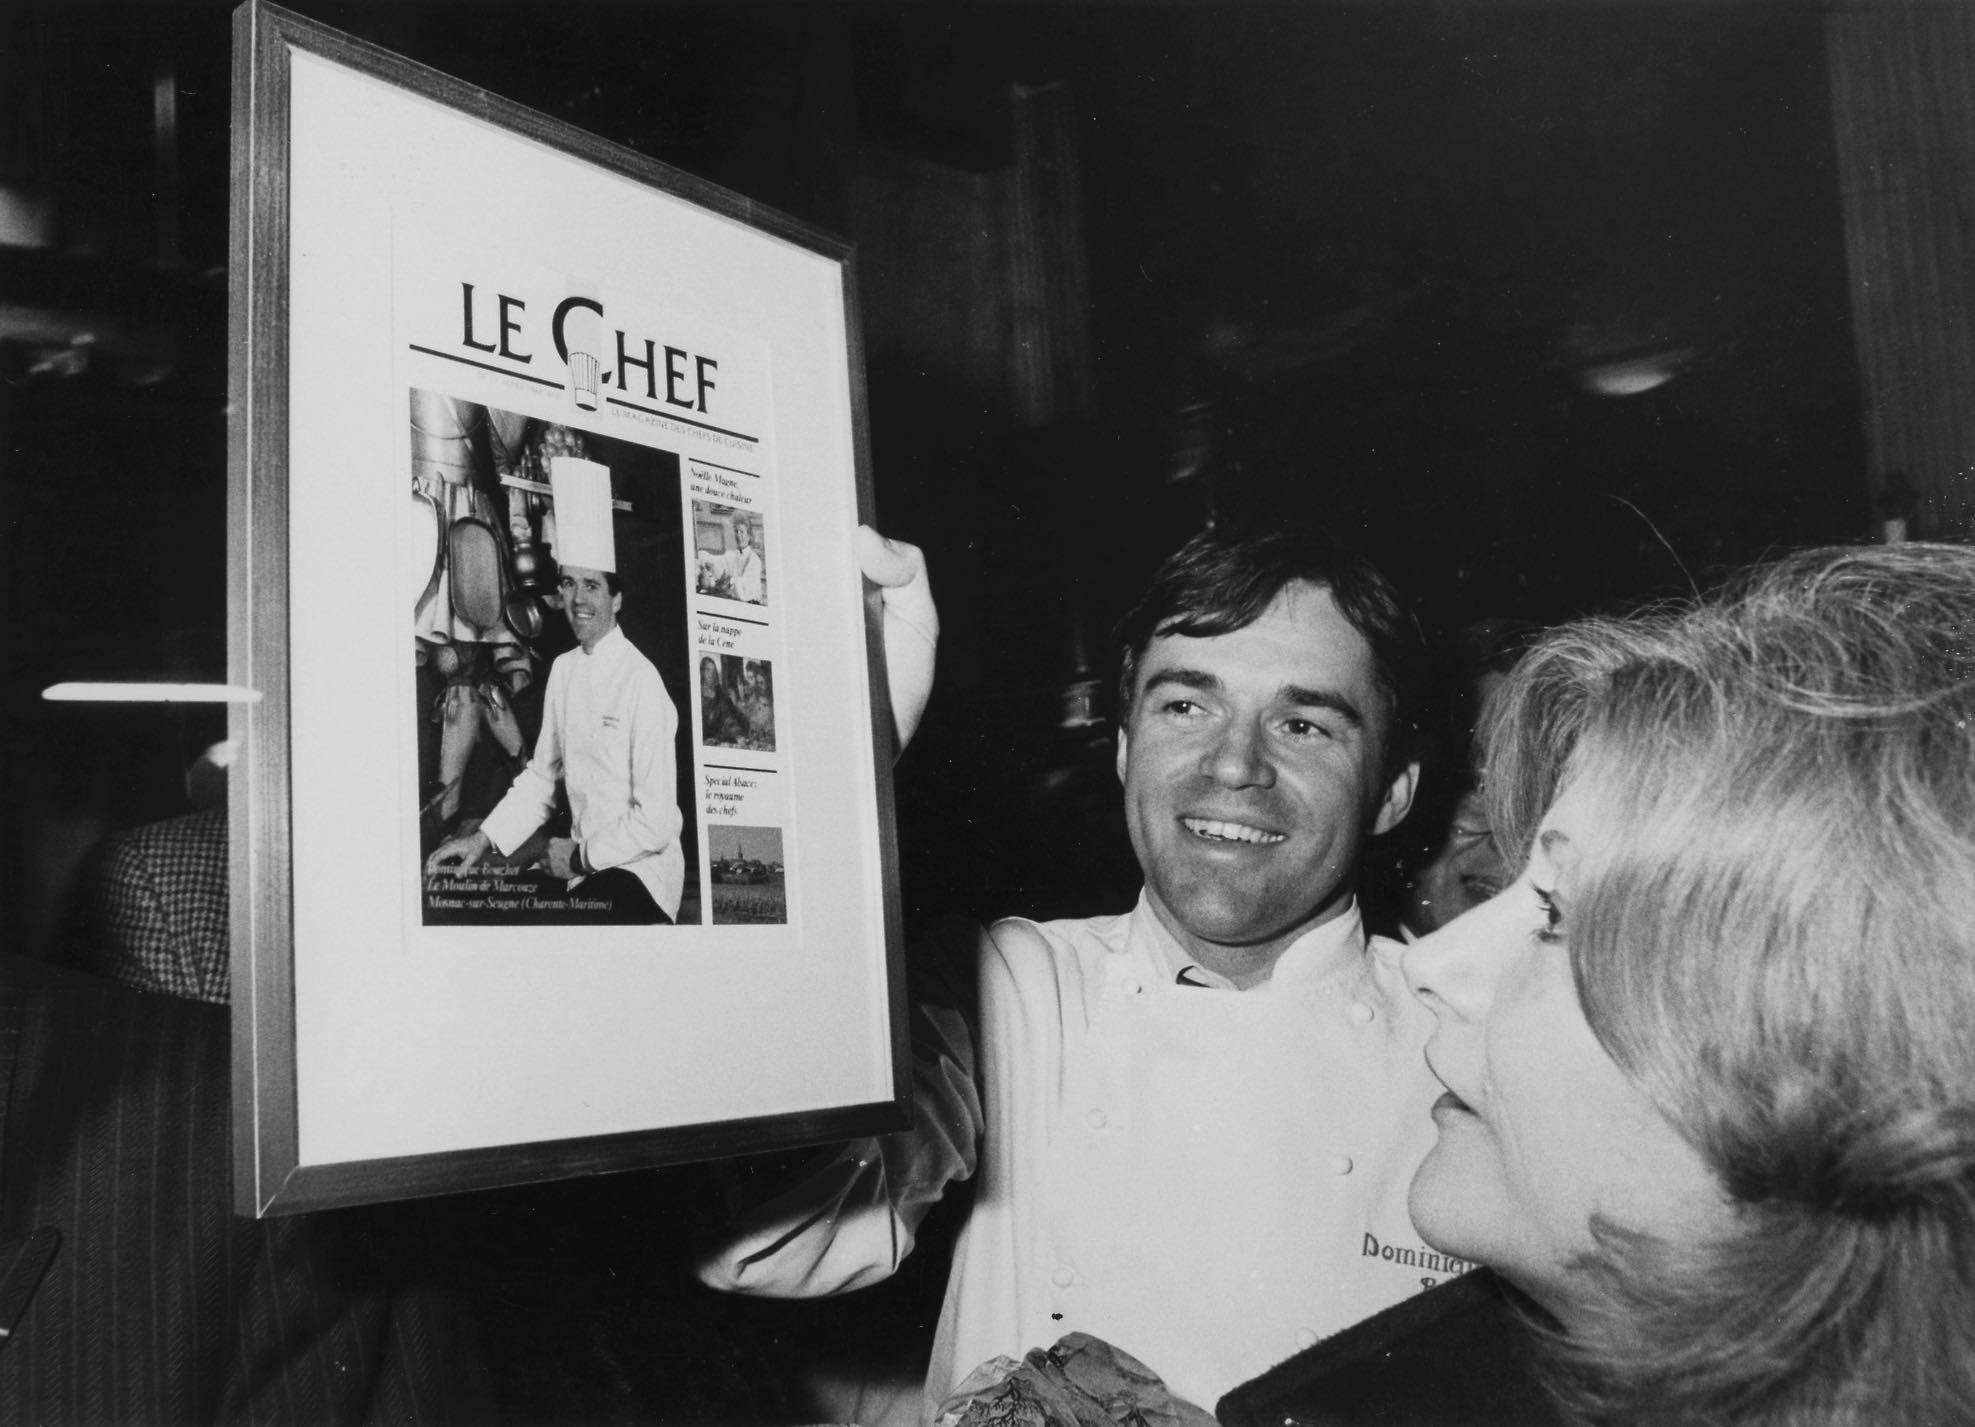 Magazine Le Chef